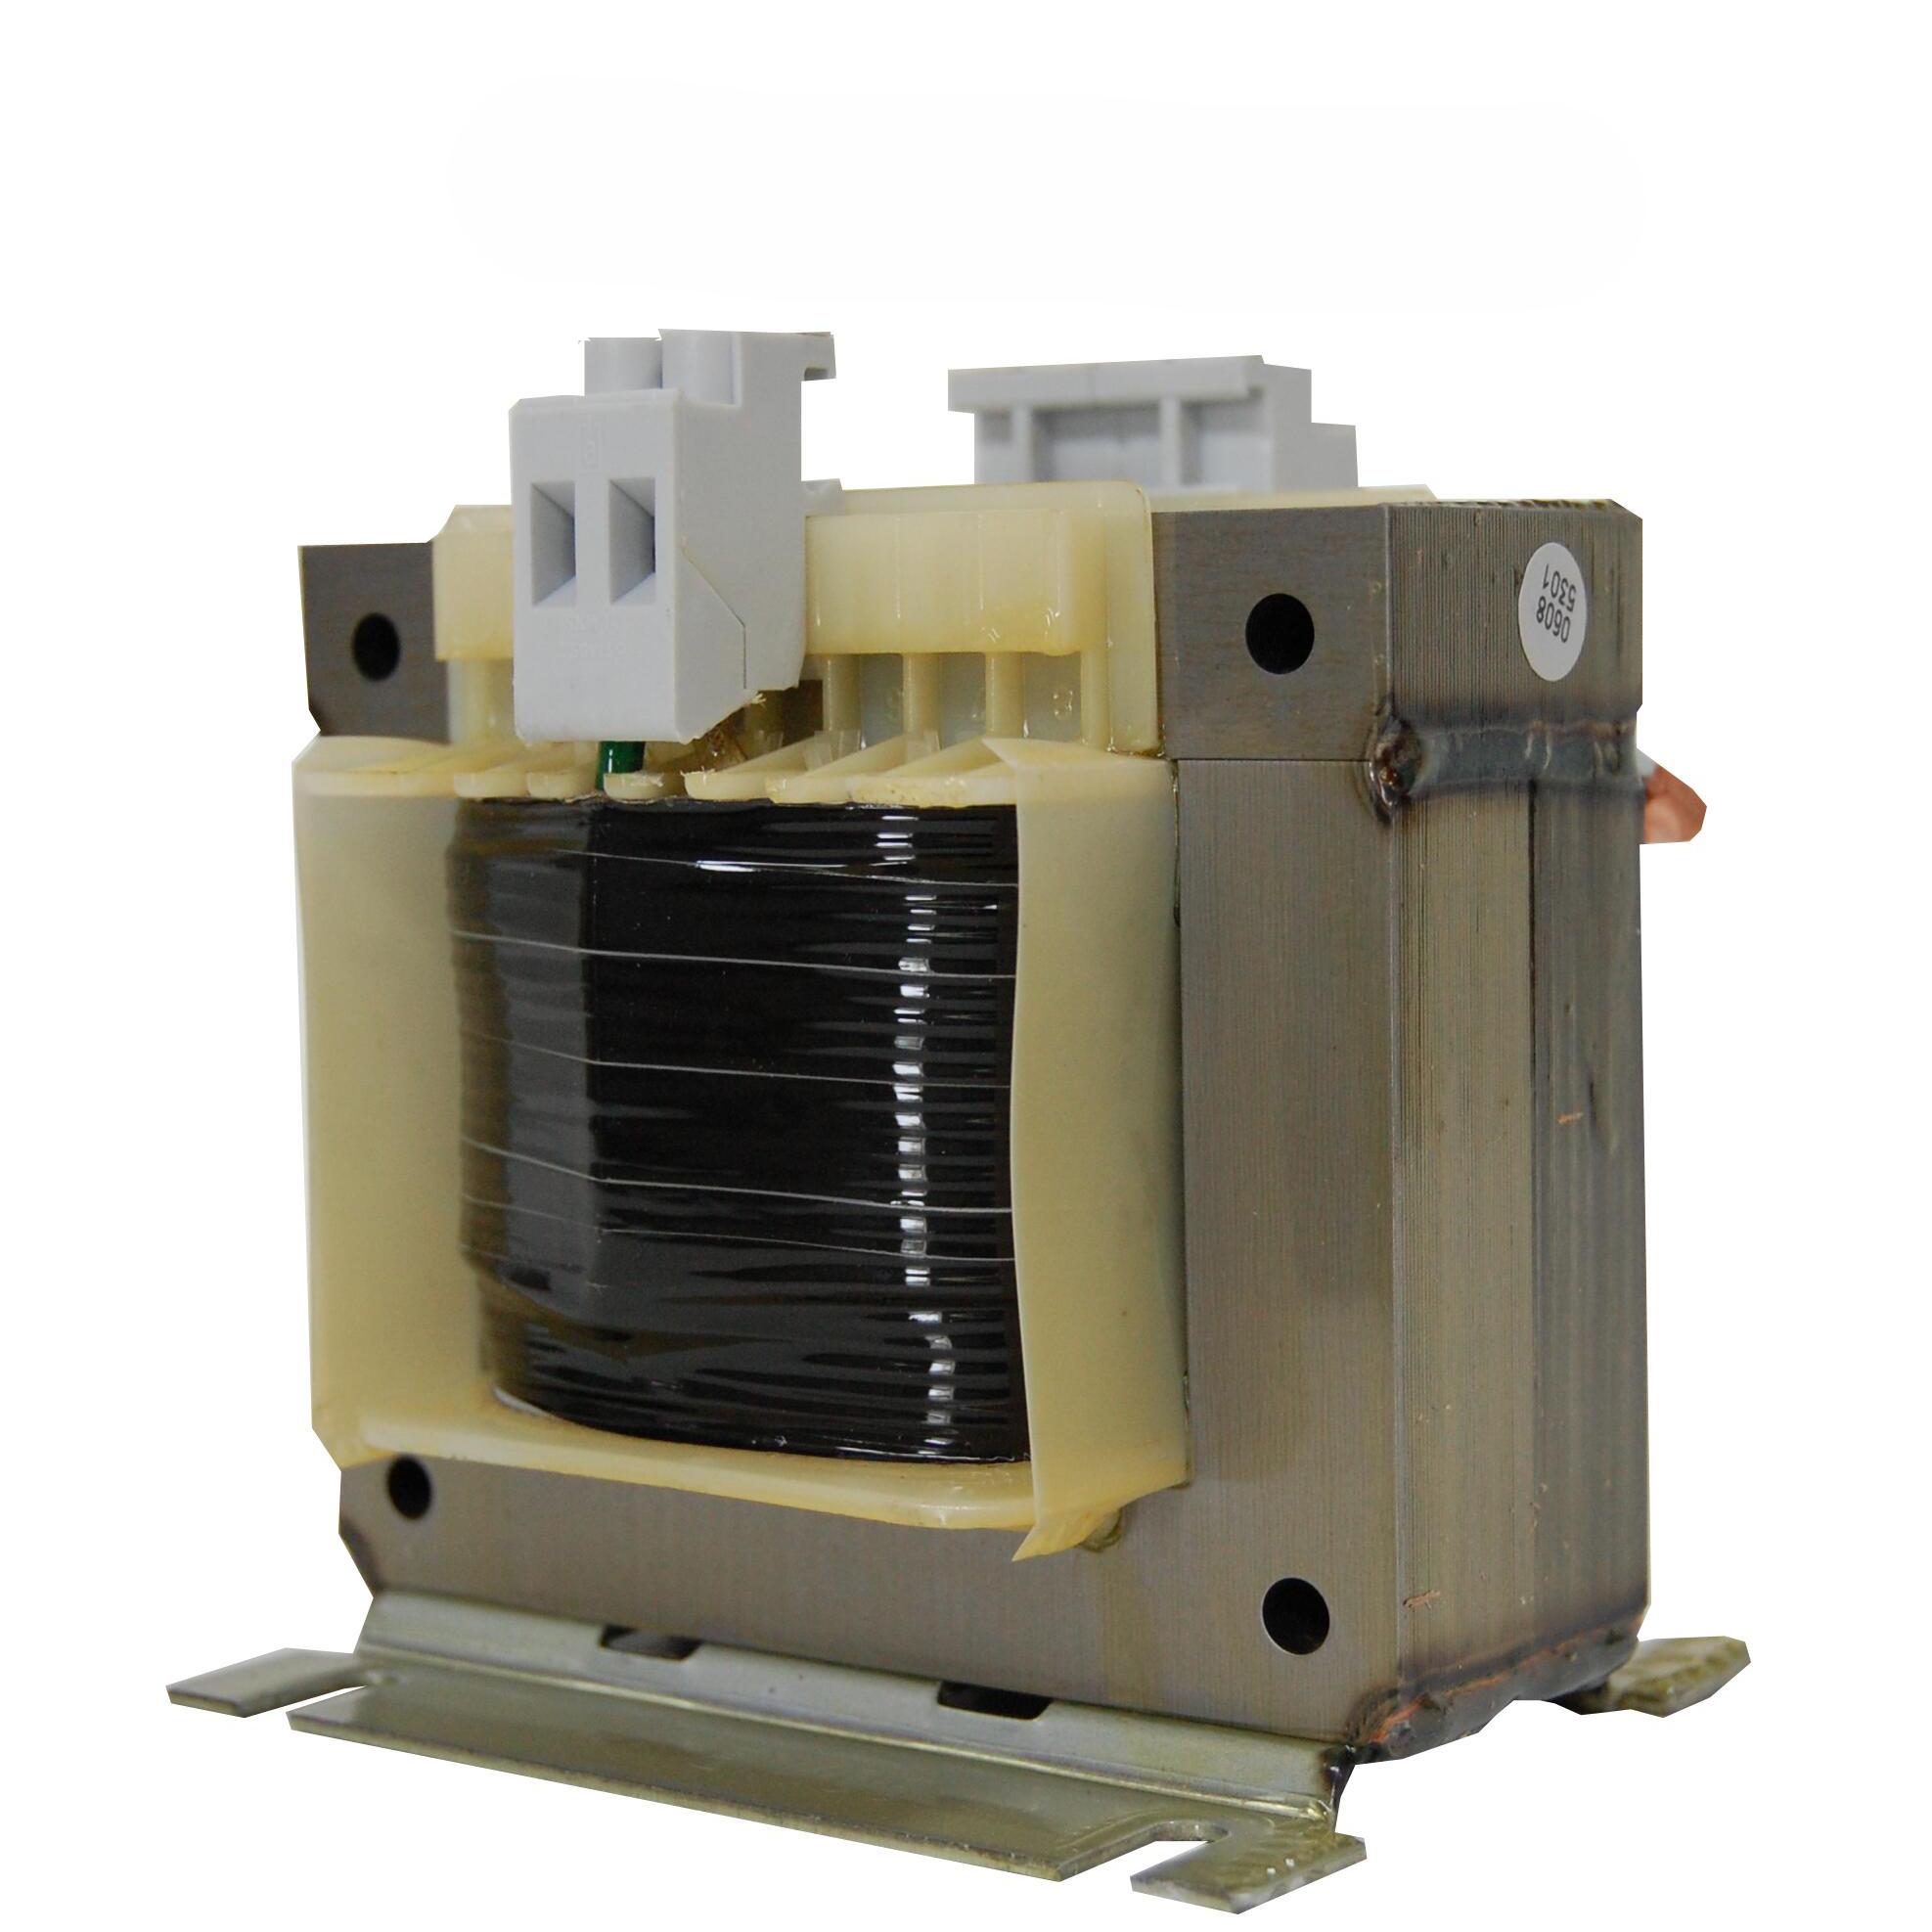 1 Stk Einphasen Steuertransformator 400/230V, 250VA, IP00 LP604025T-